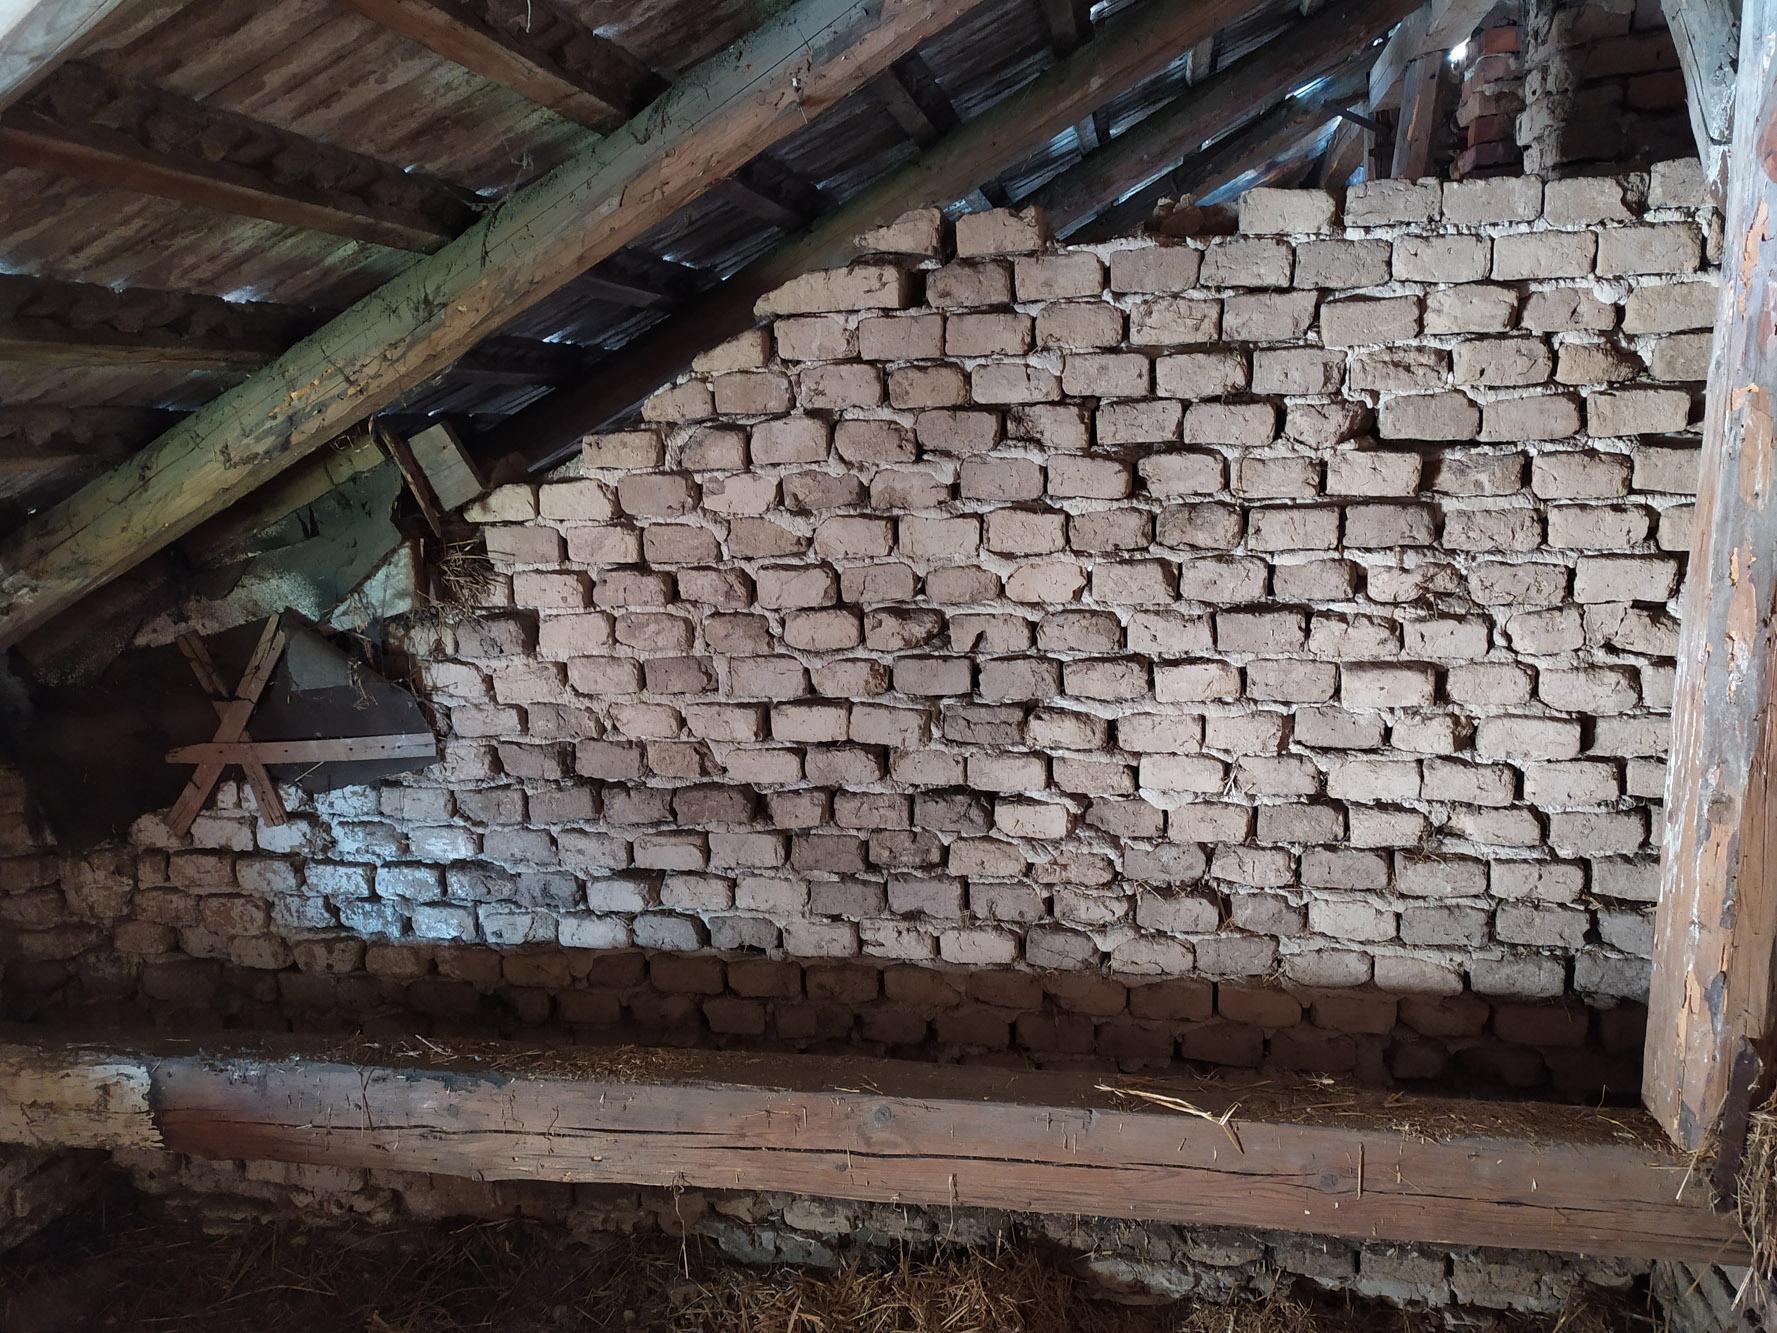 Bourání staré a stavba nové řadovky - Většina domu byla z nepálených cihel.